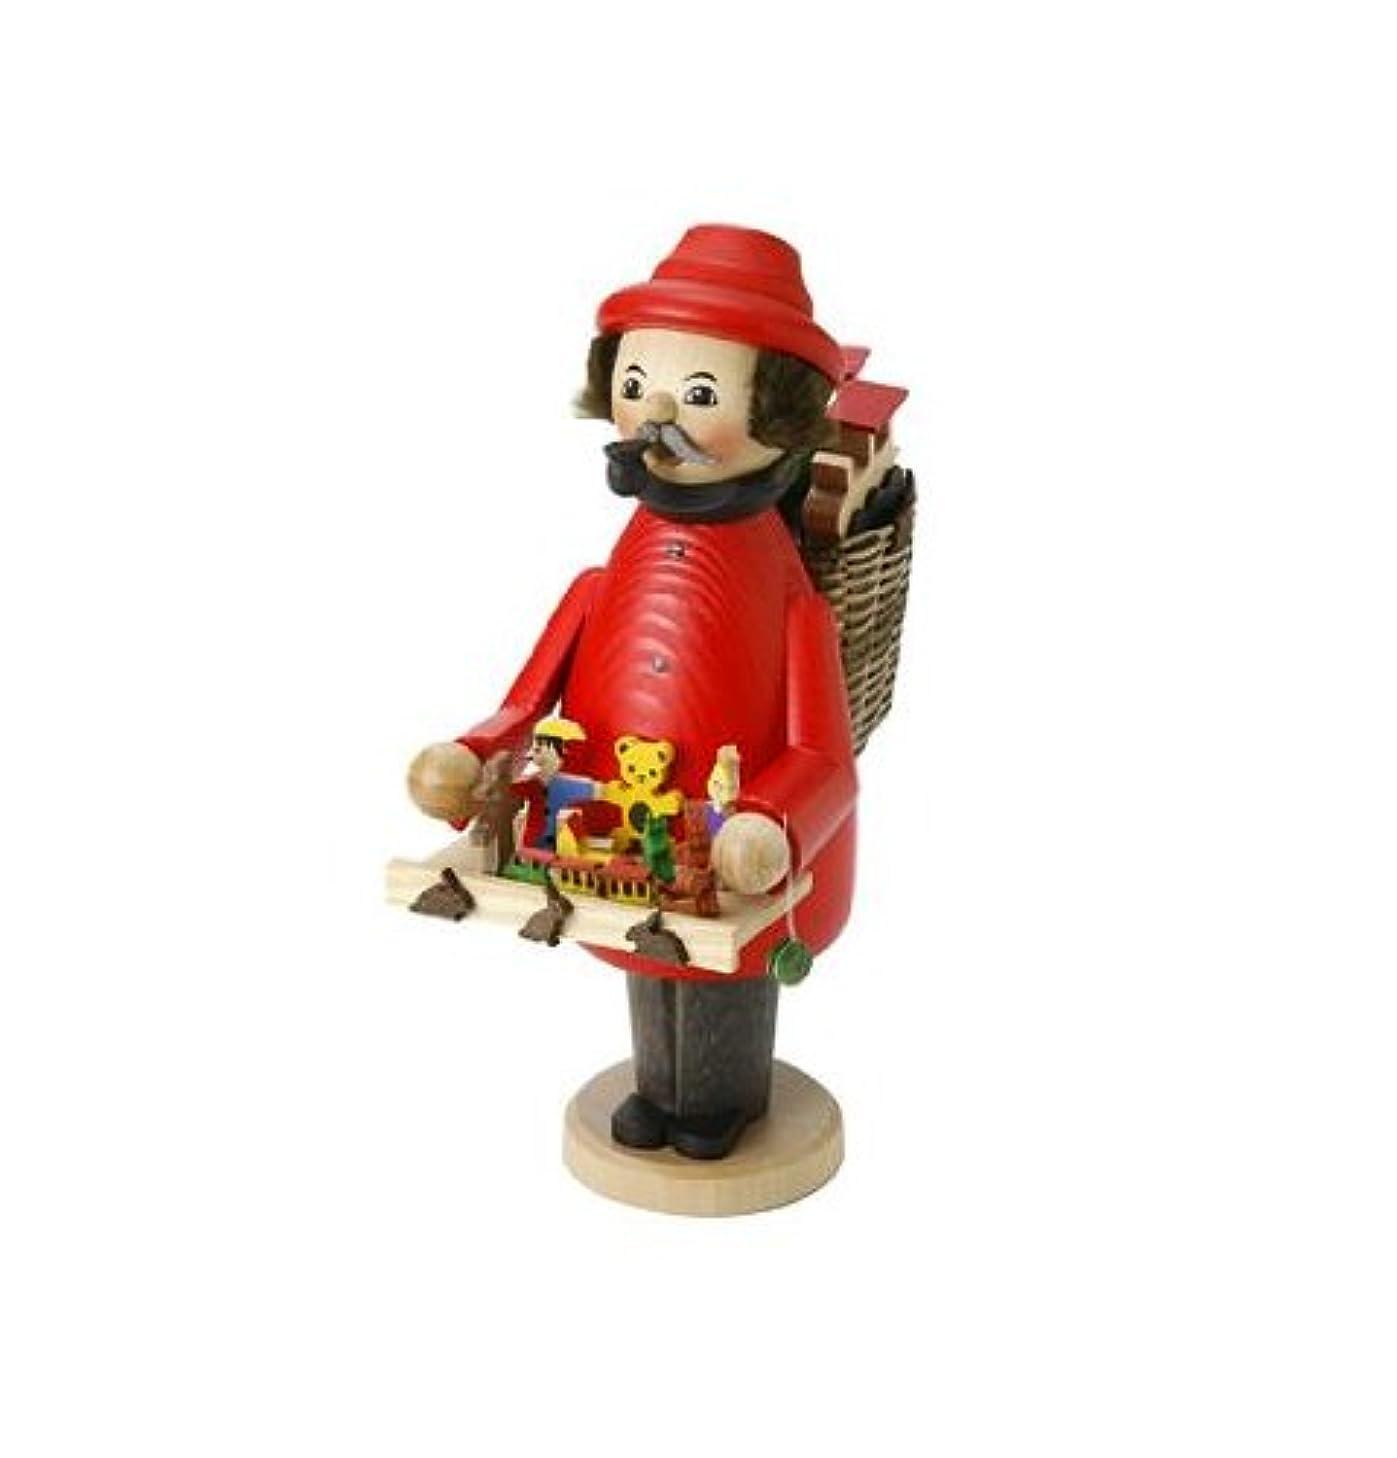 中央値放映消毒するミニパイプ人形香炉 おもちゃ売り